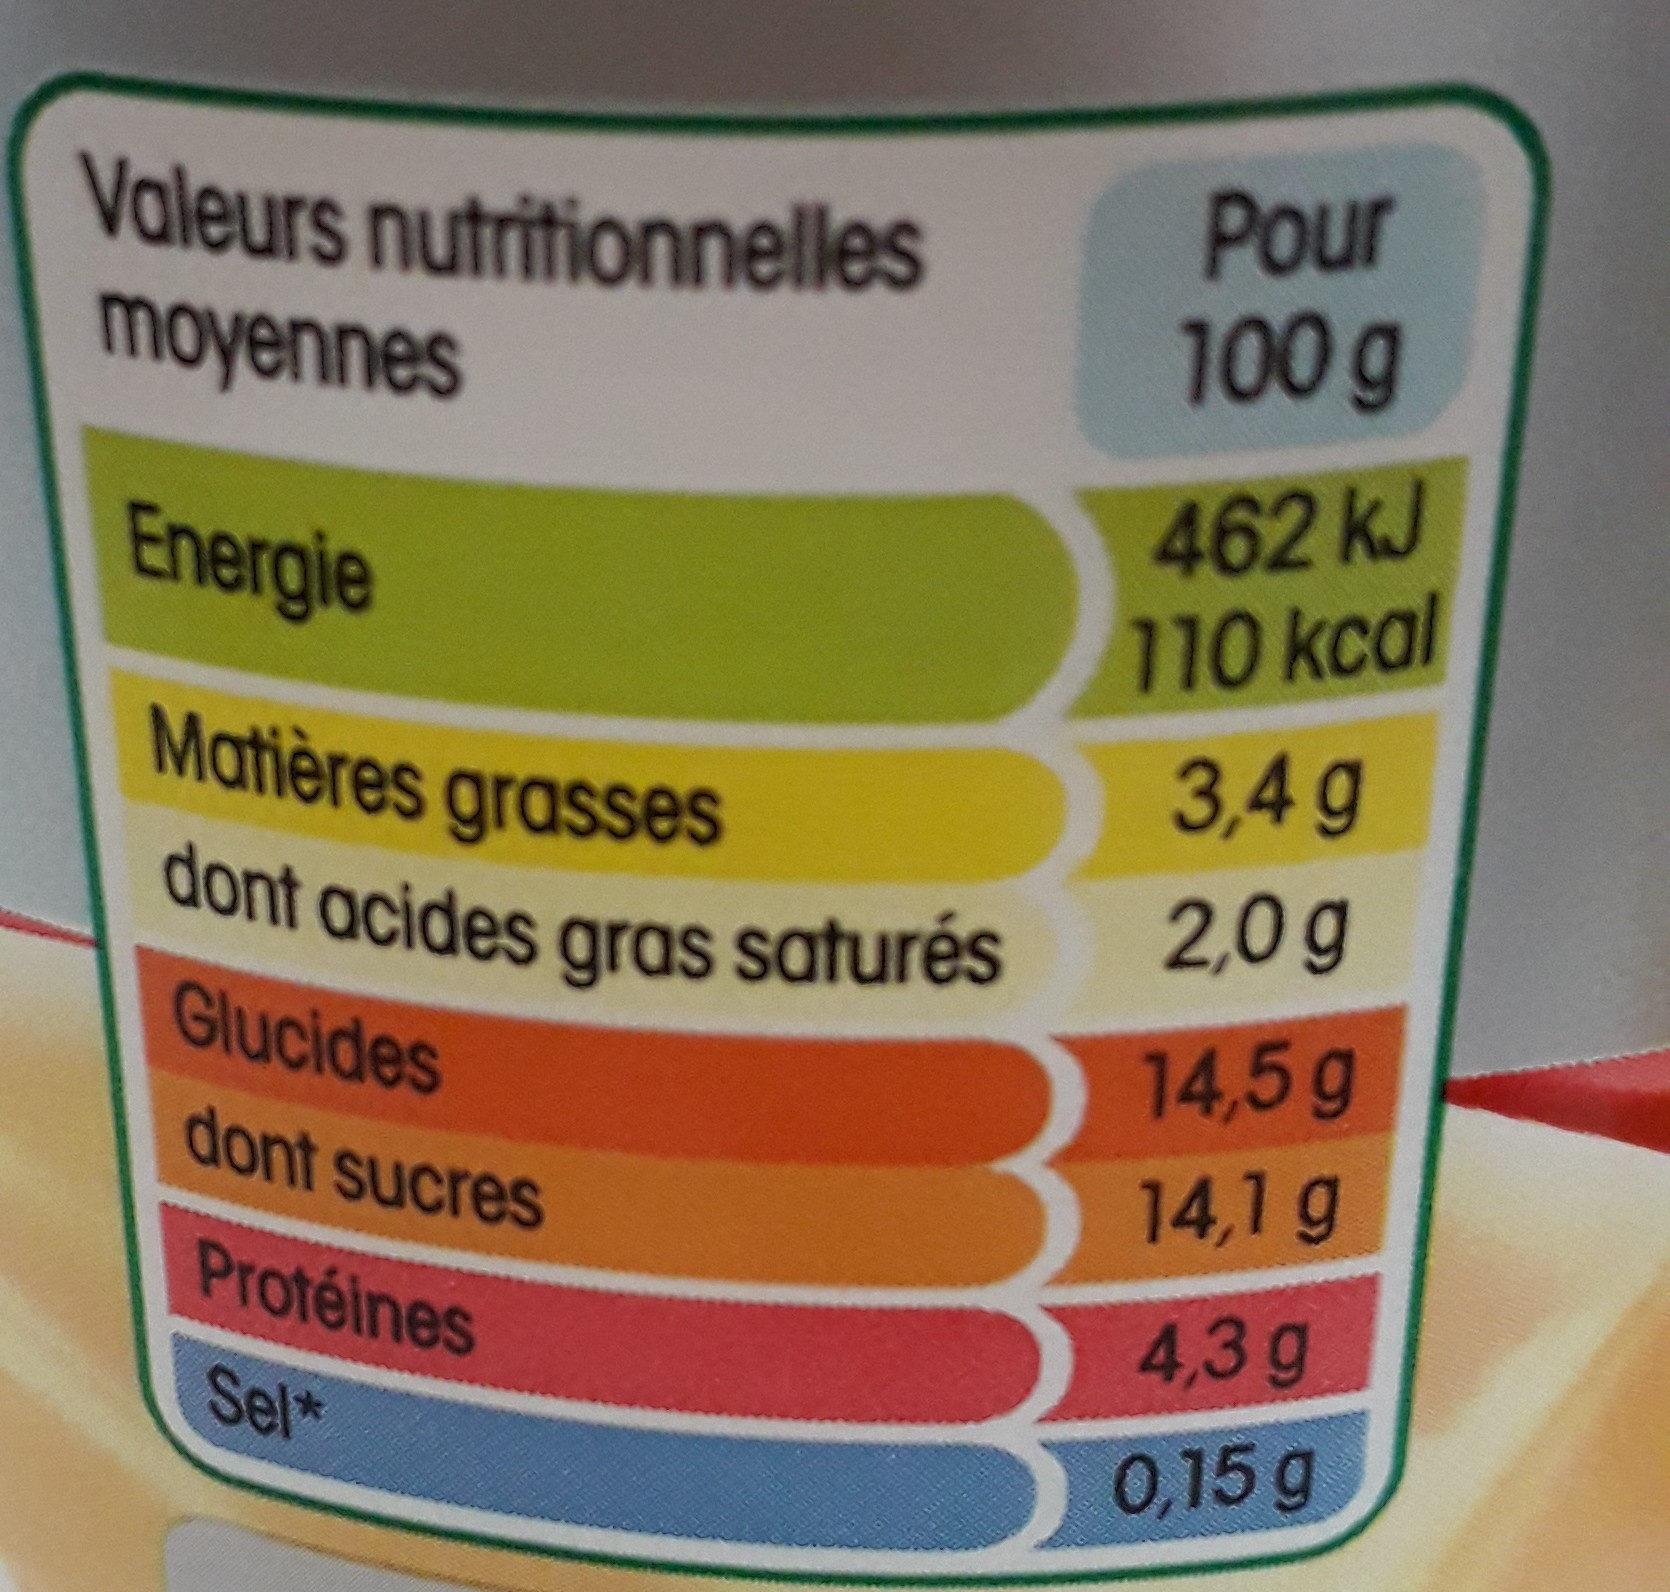 B de Yoplait vanille - Informations nutritionnelles - fr